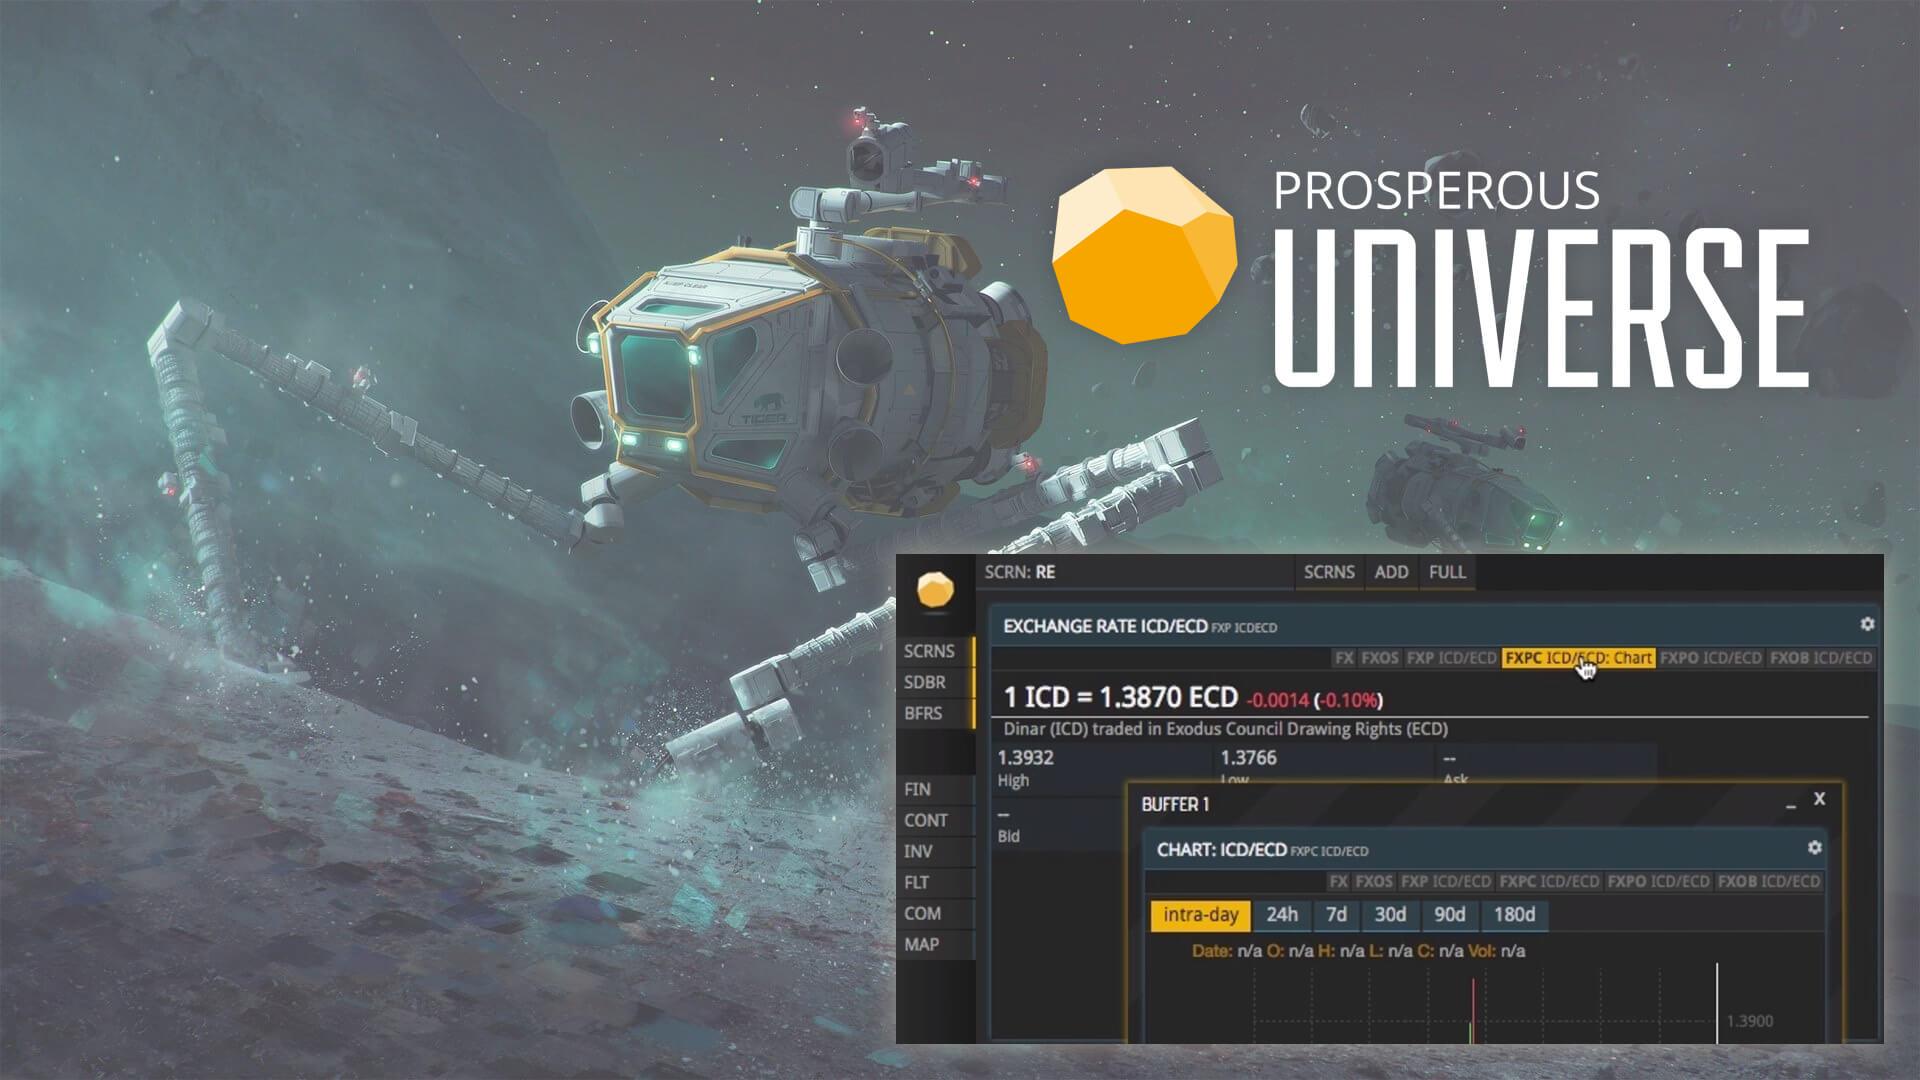 Prosperous Universe